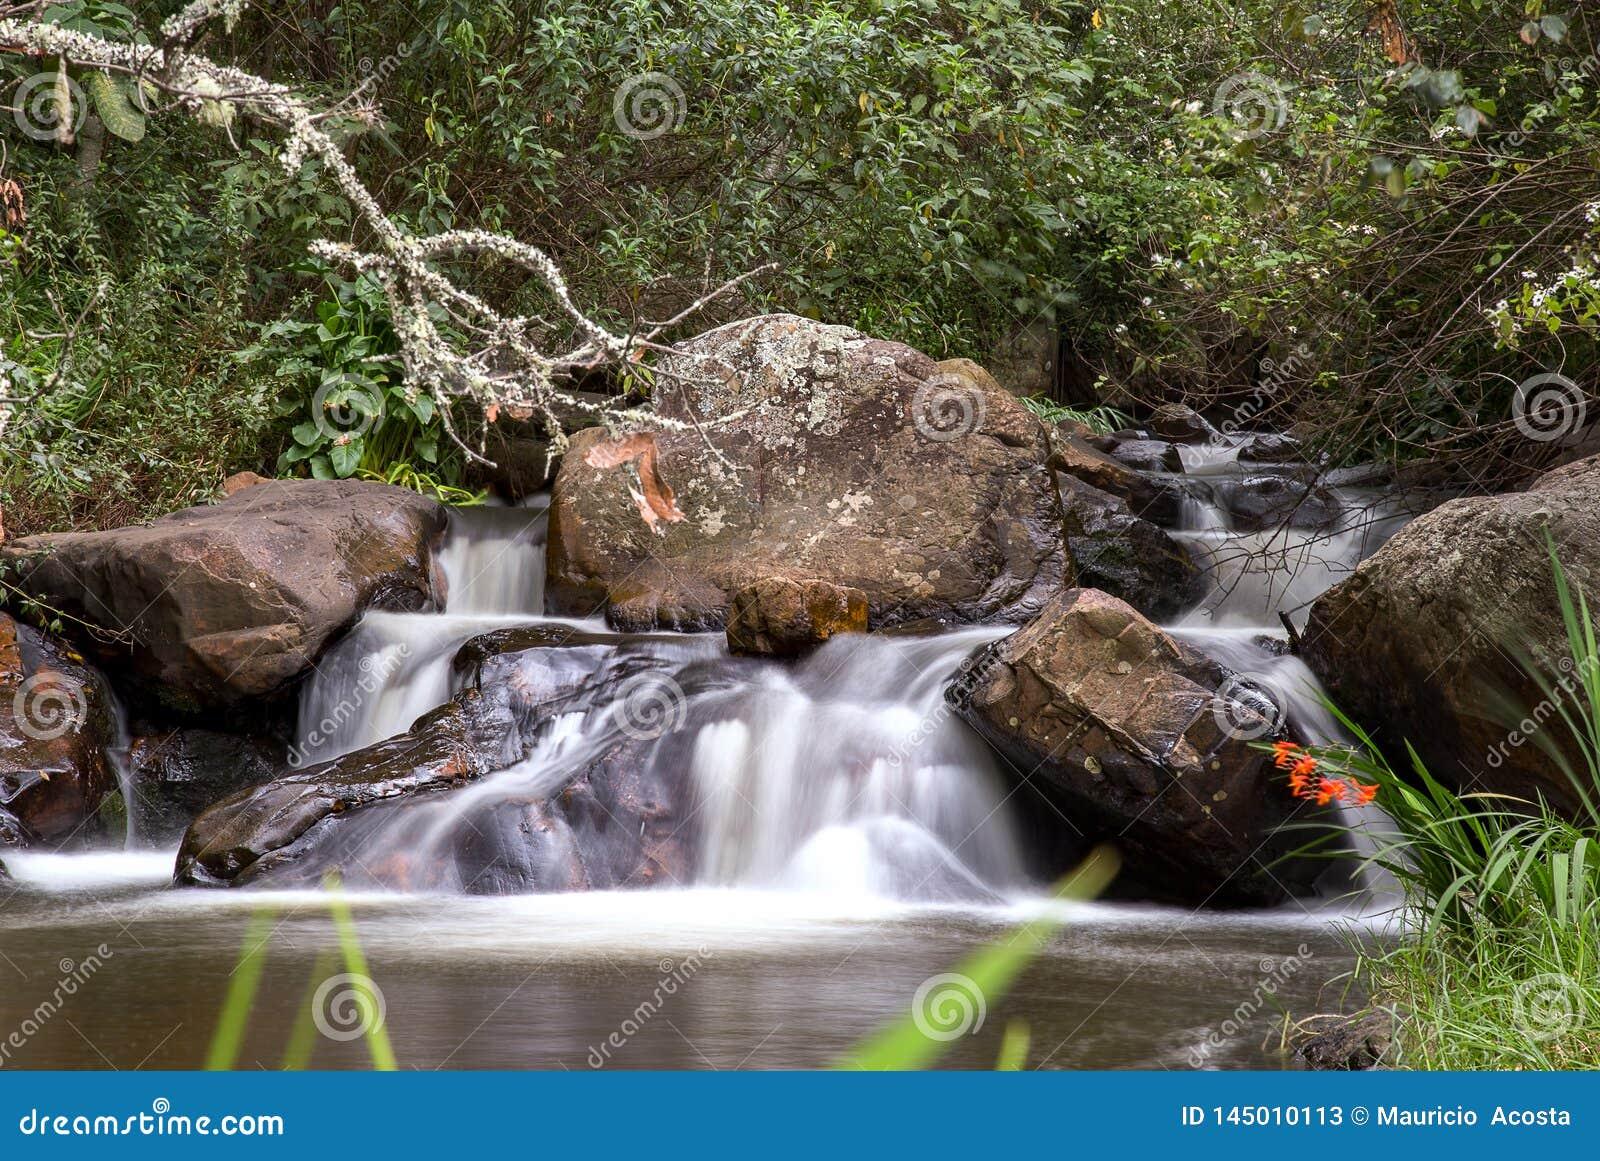 Ορμητικά σημεία ποταμού σε έναν κολπίσκο στα των Άνδεων βουνά